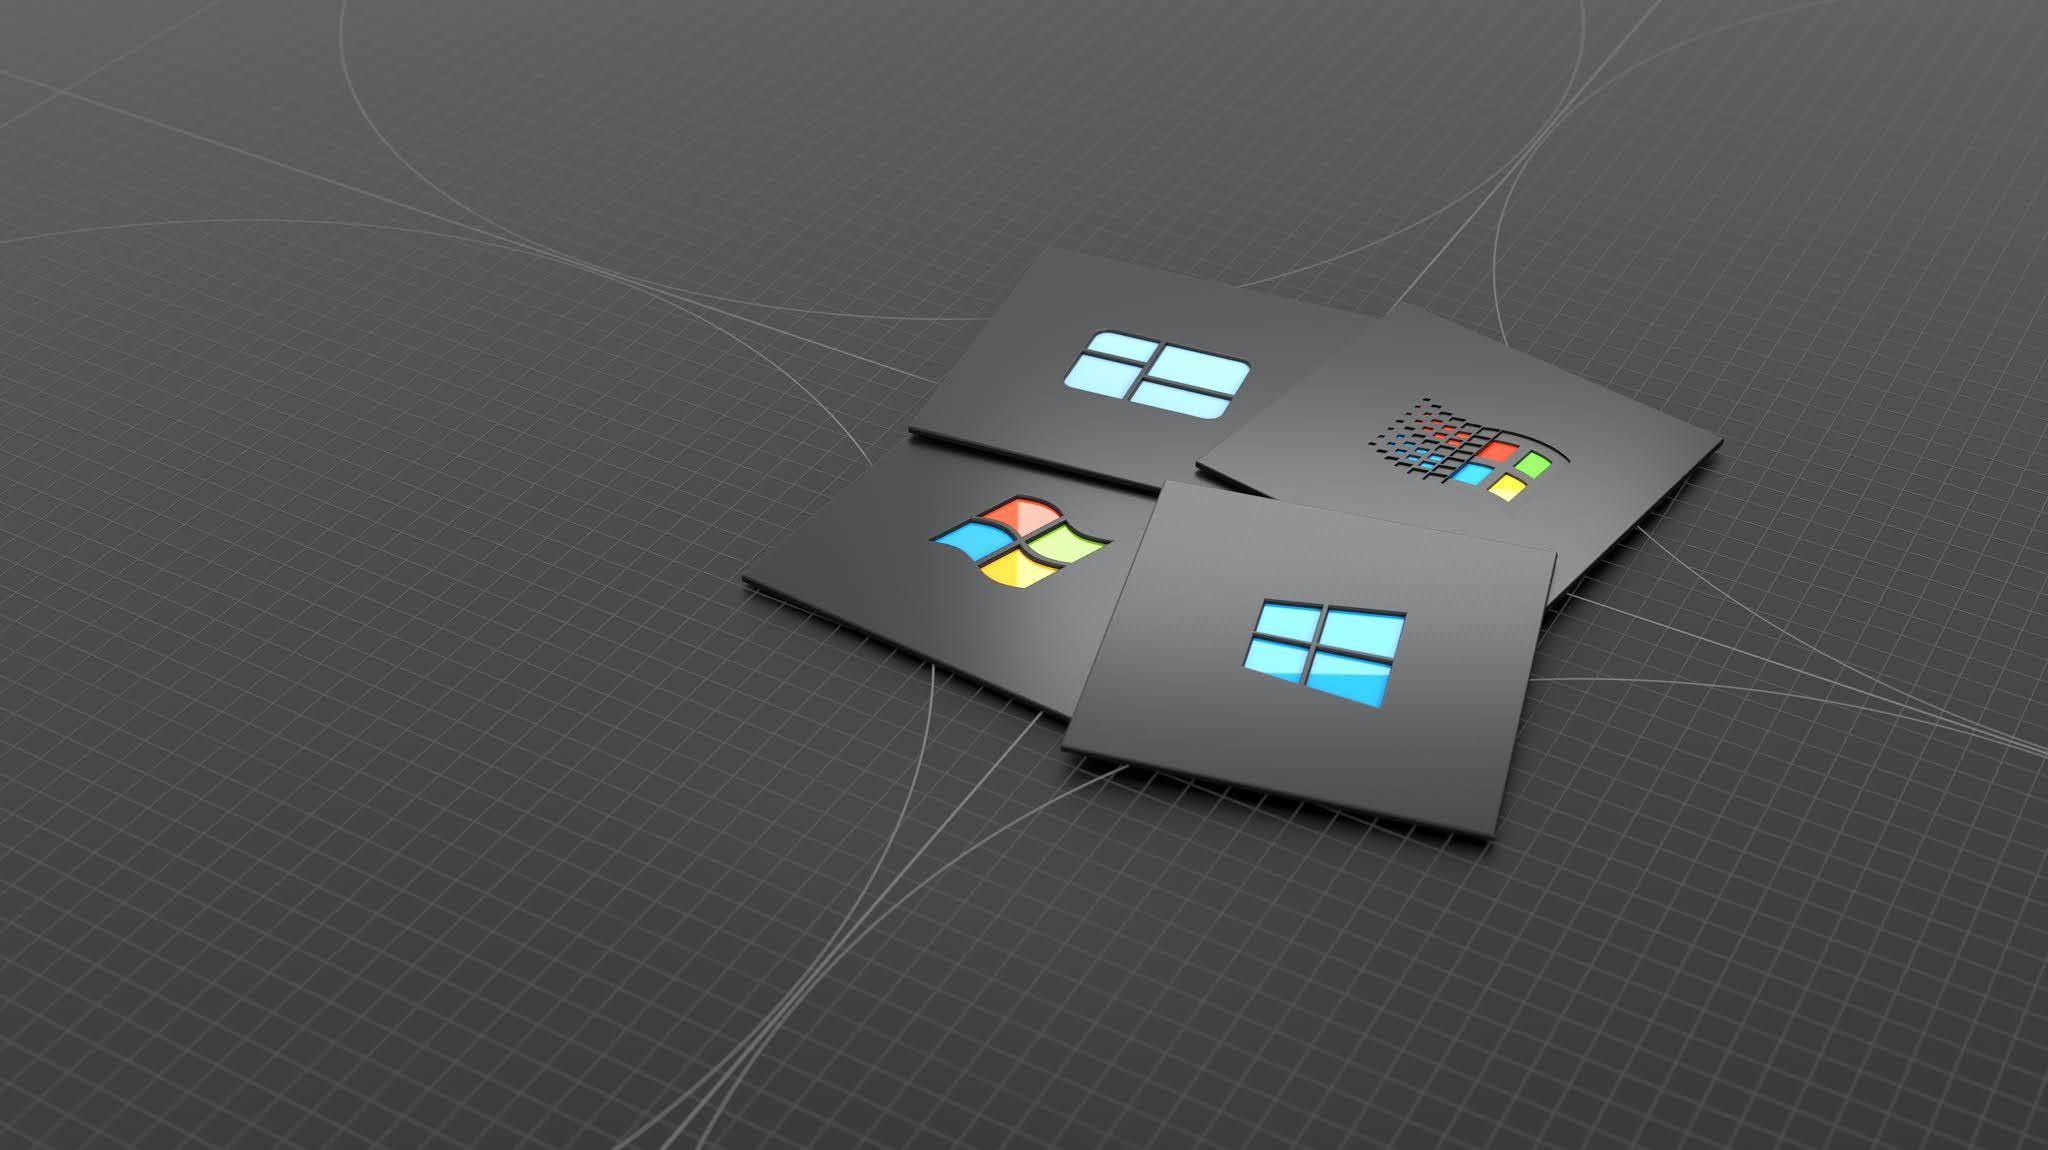 Adesso potete installare WSL in Windows 10 con un unico comando